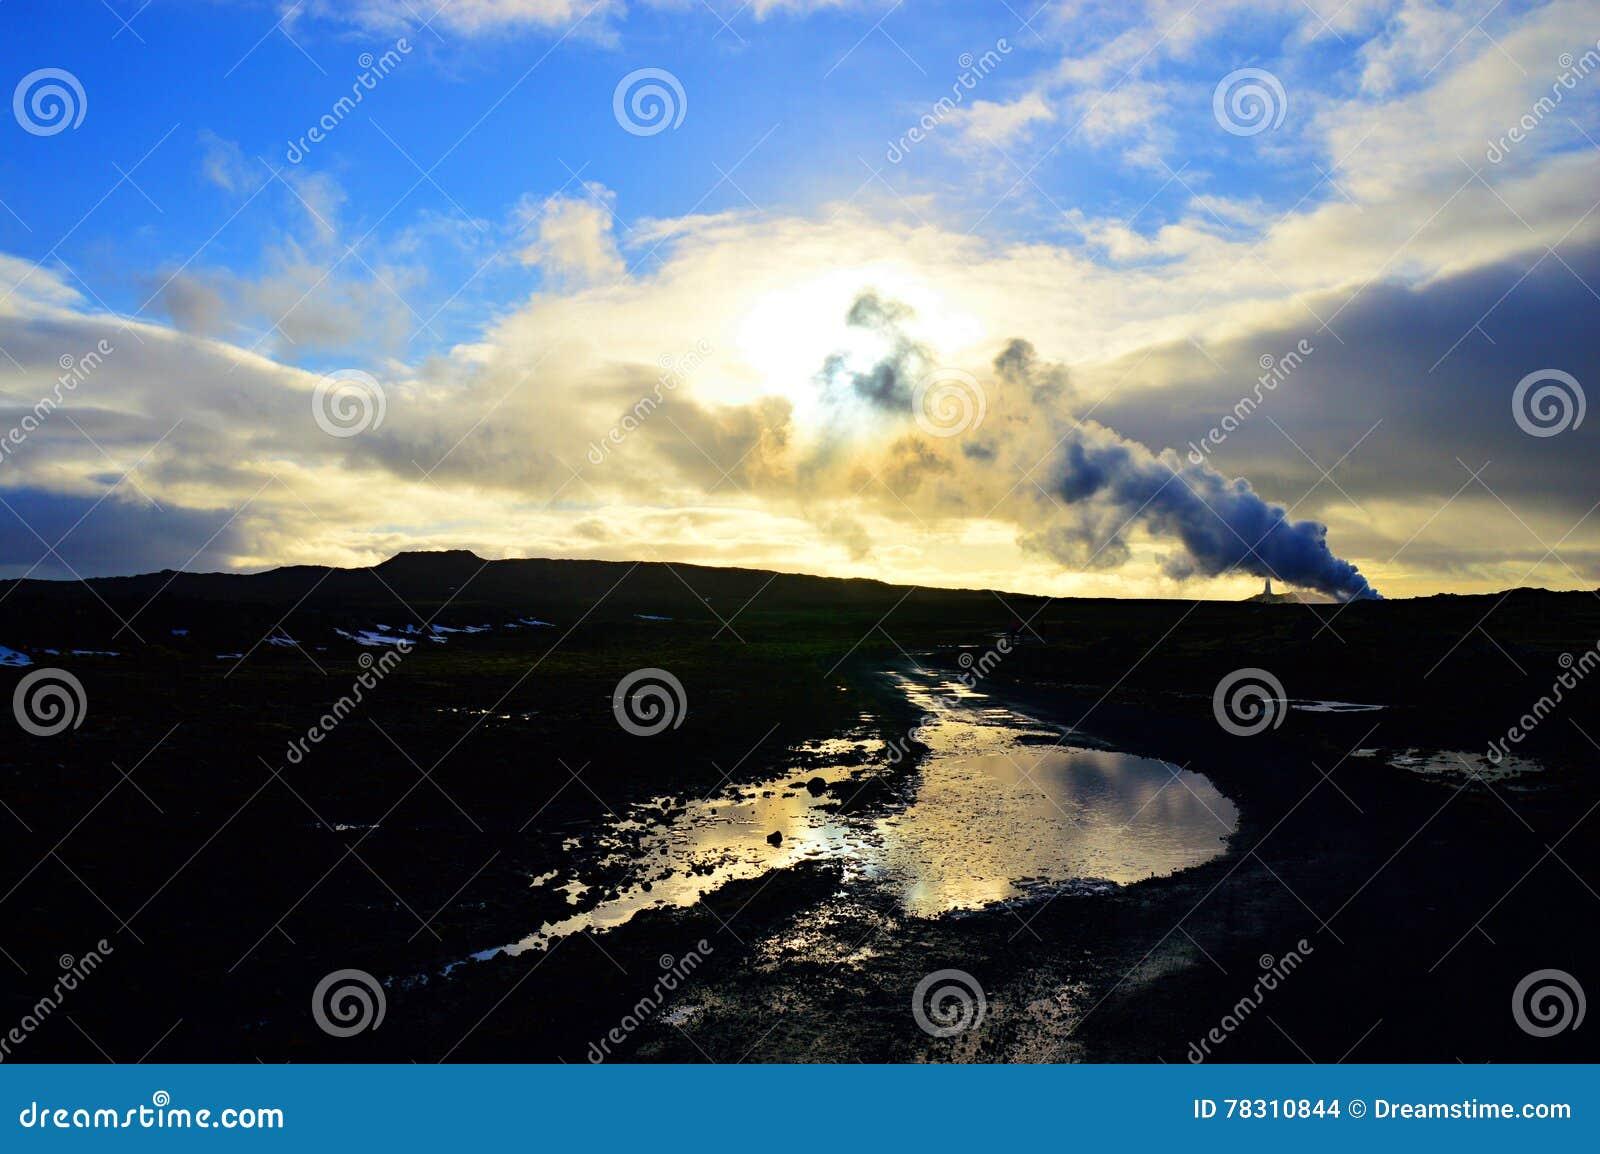 Iceland Lighthouse at dusk